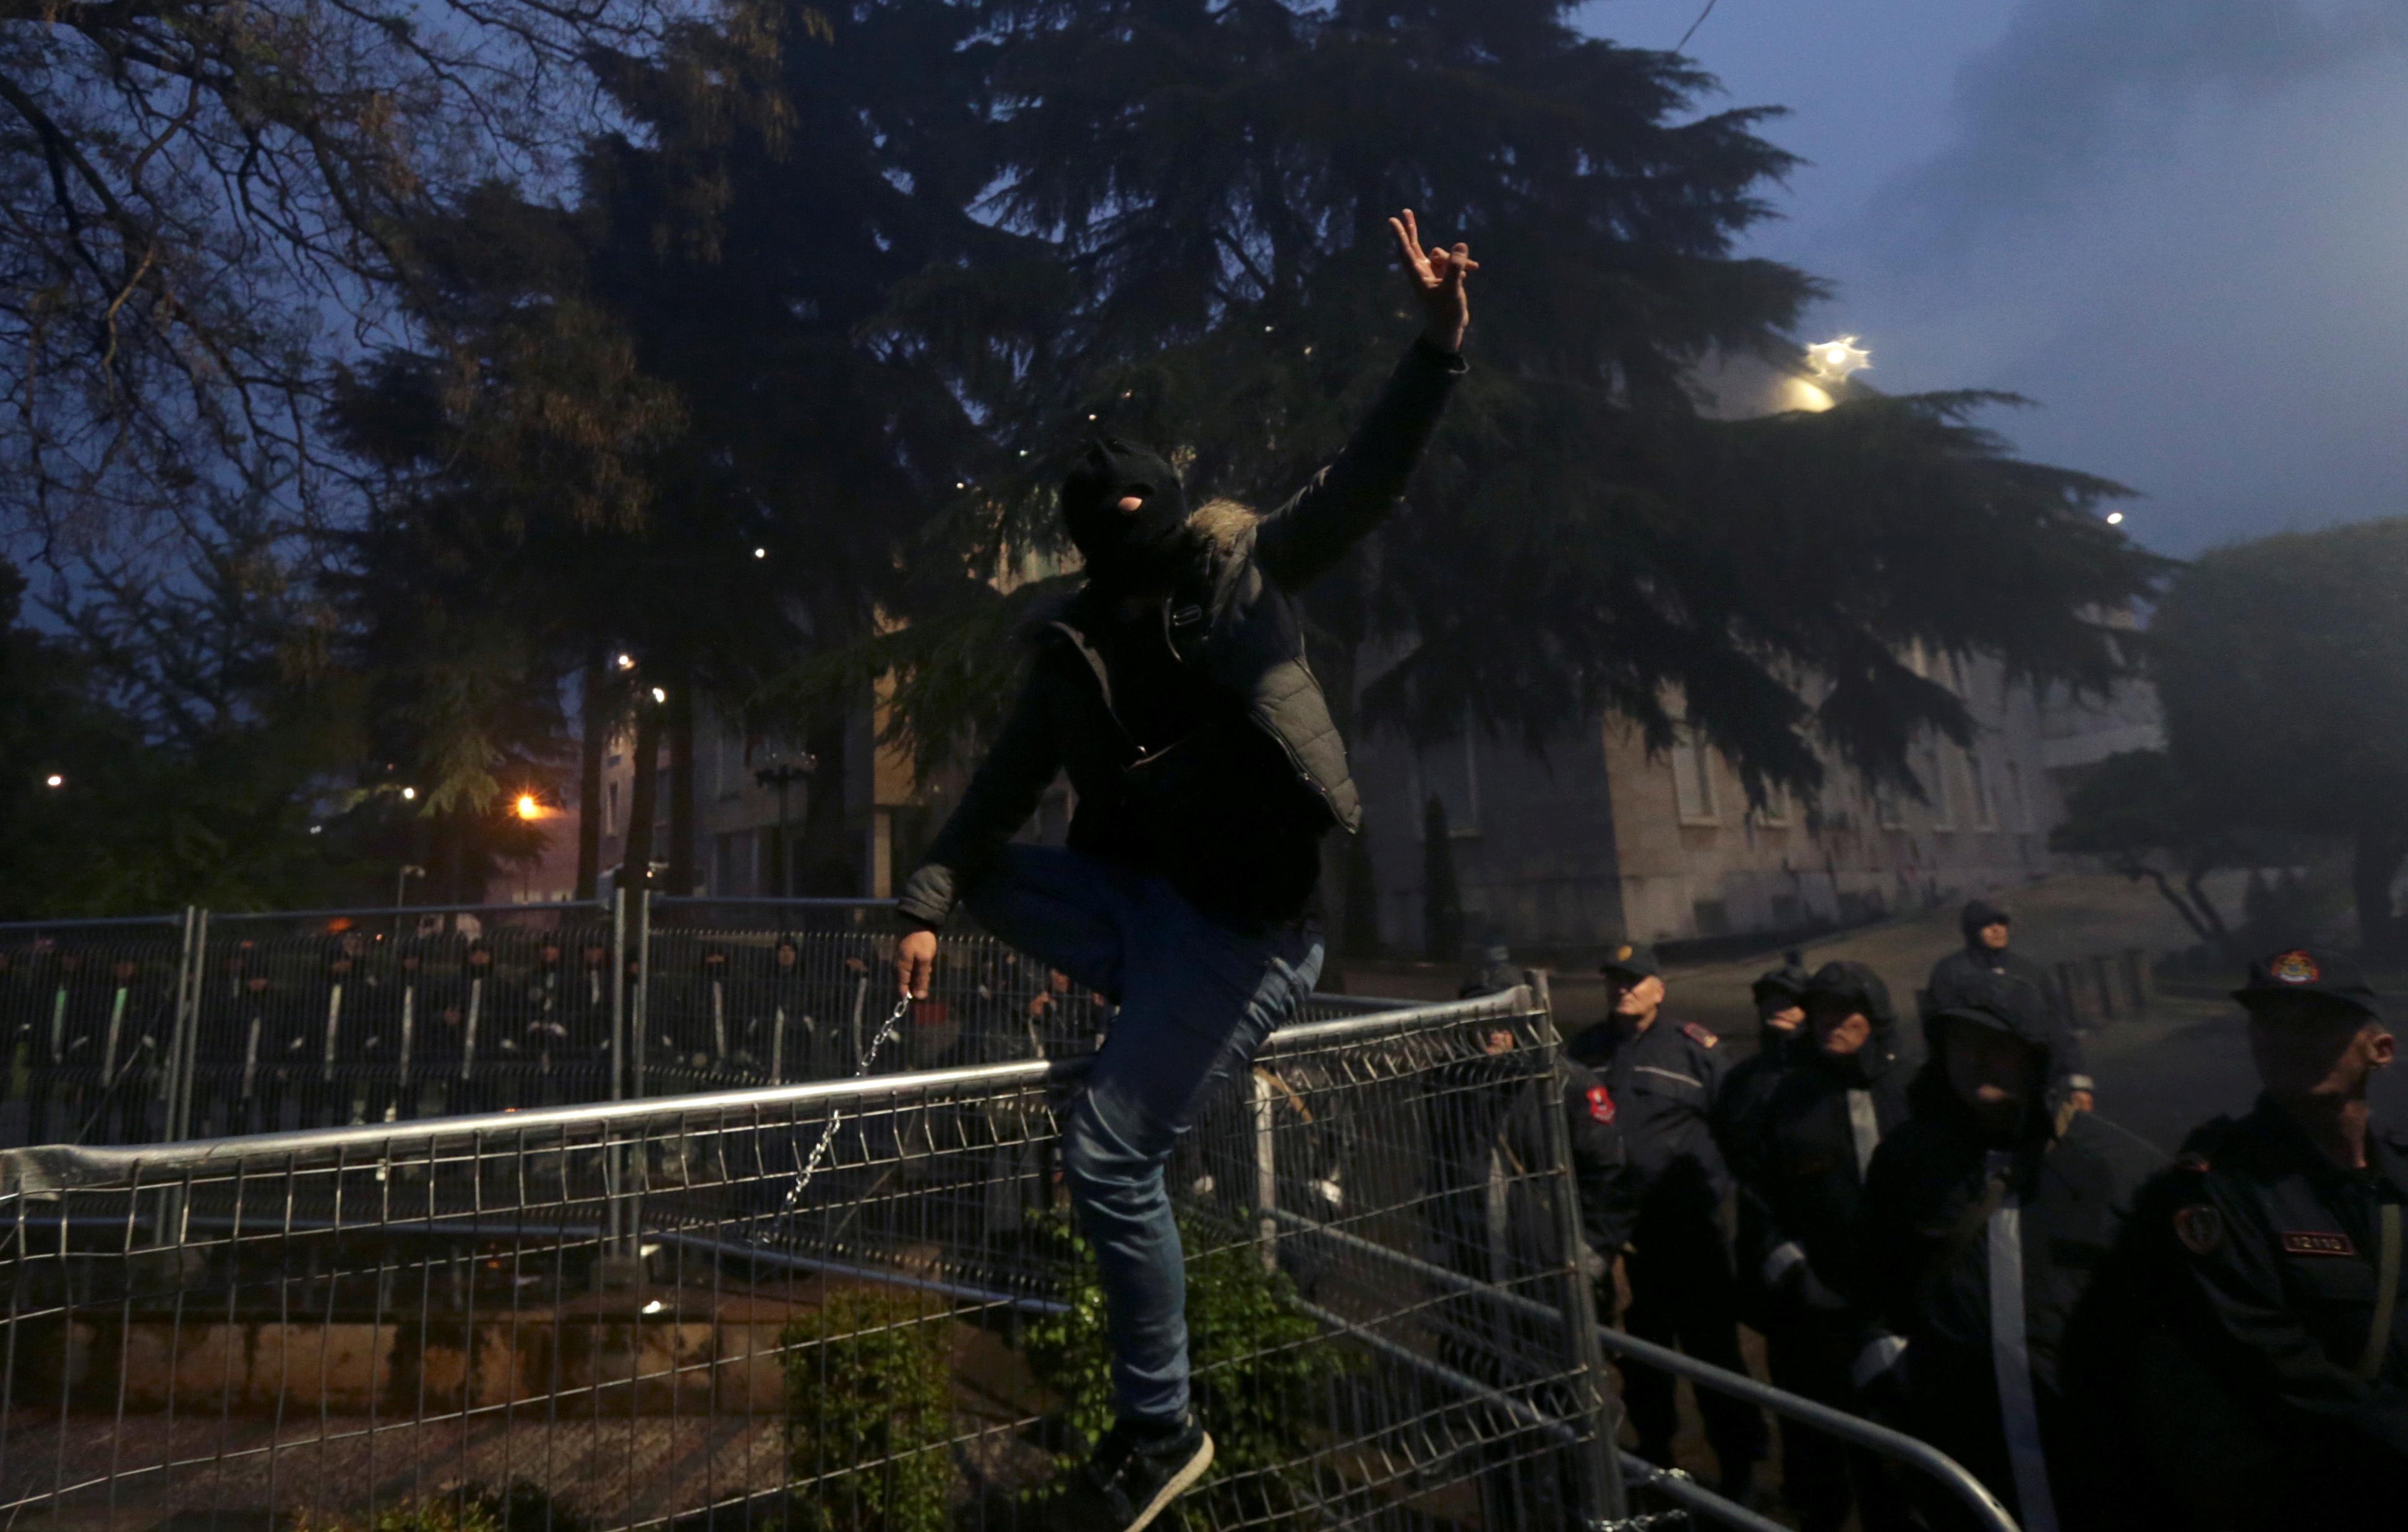 أحد أنصار حزب المعارضة يشارك في مظاهرة مناهضة للحكومة أمام مكتب رئيس الوزراء في العاصمة تيرانا